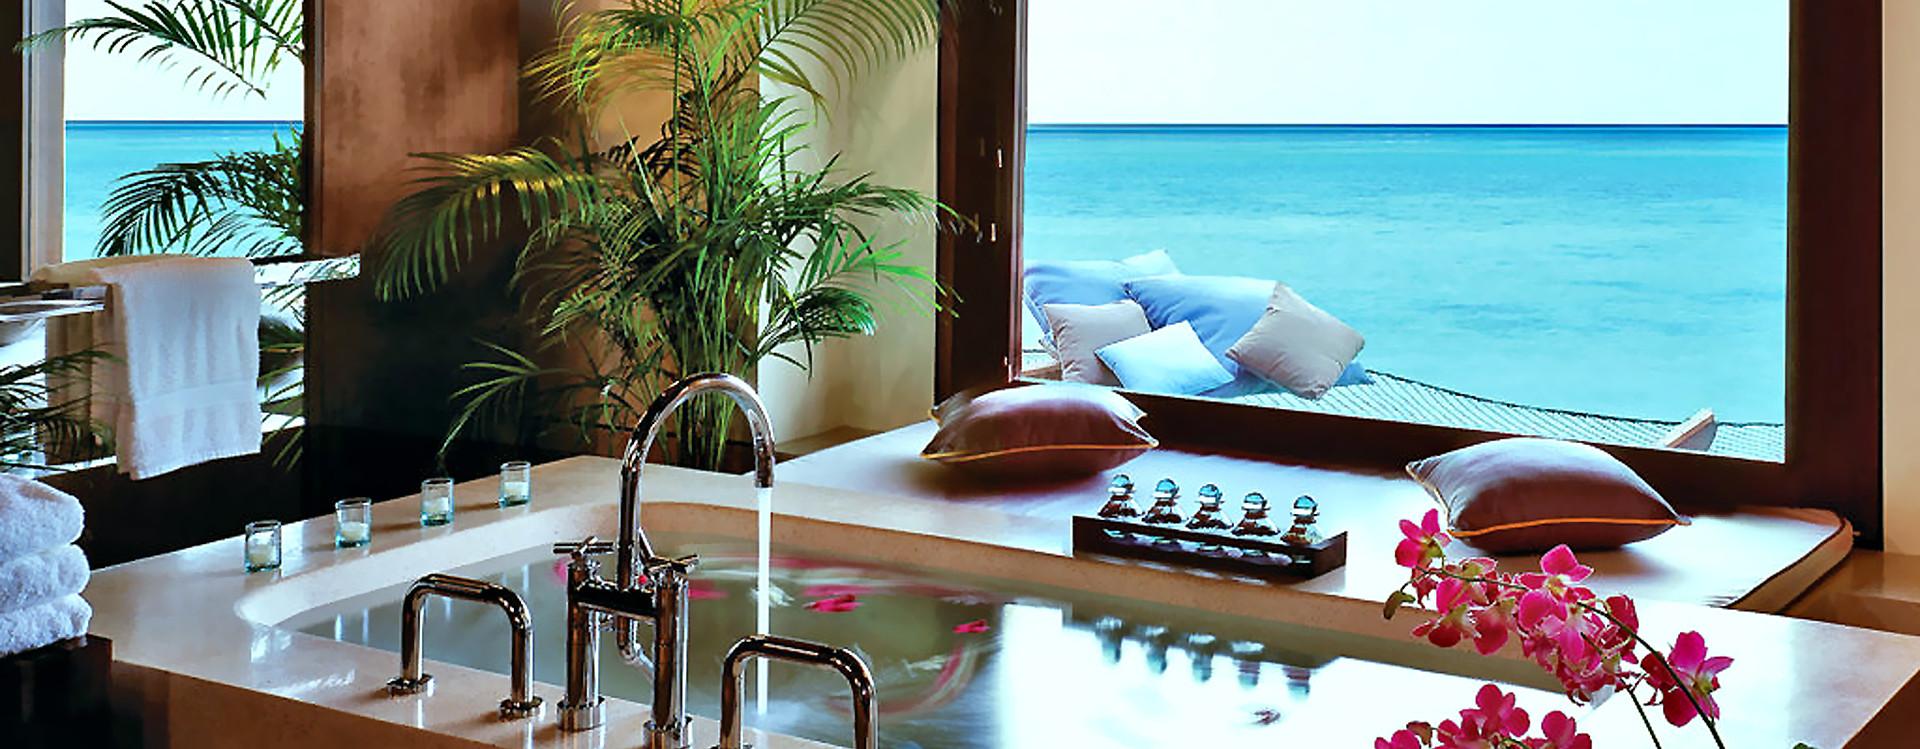 спа-ценр отеля на Мальдивах